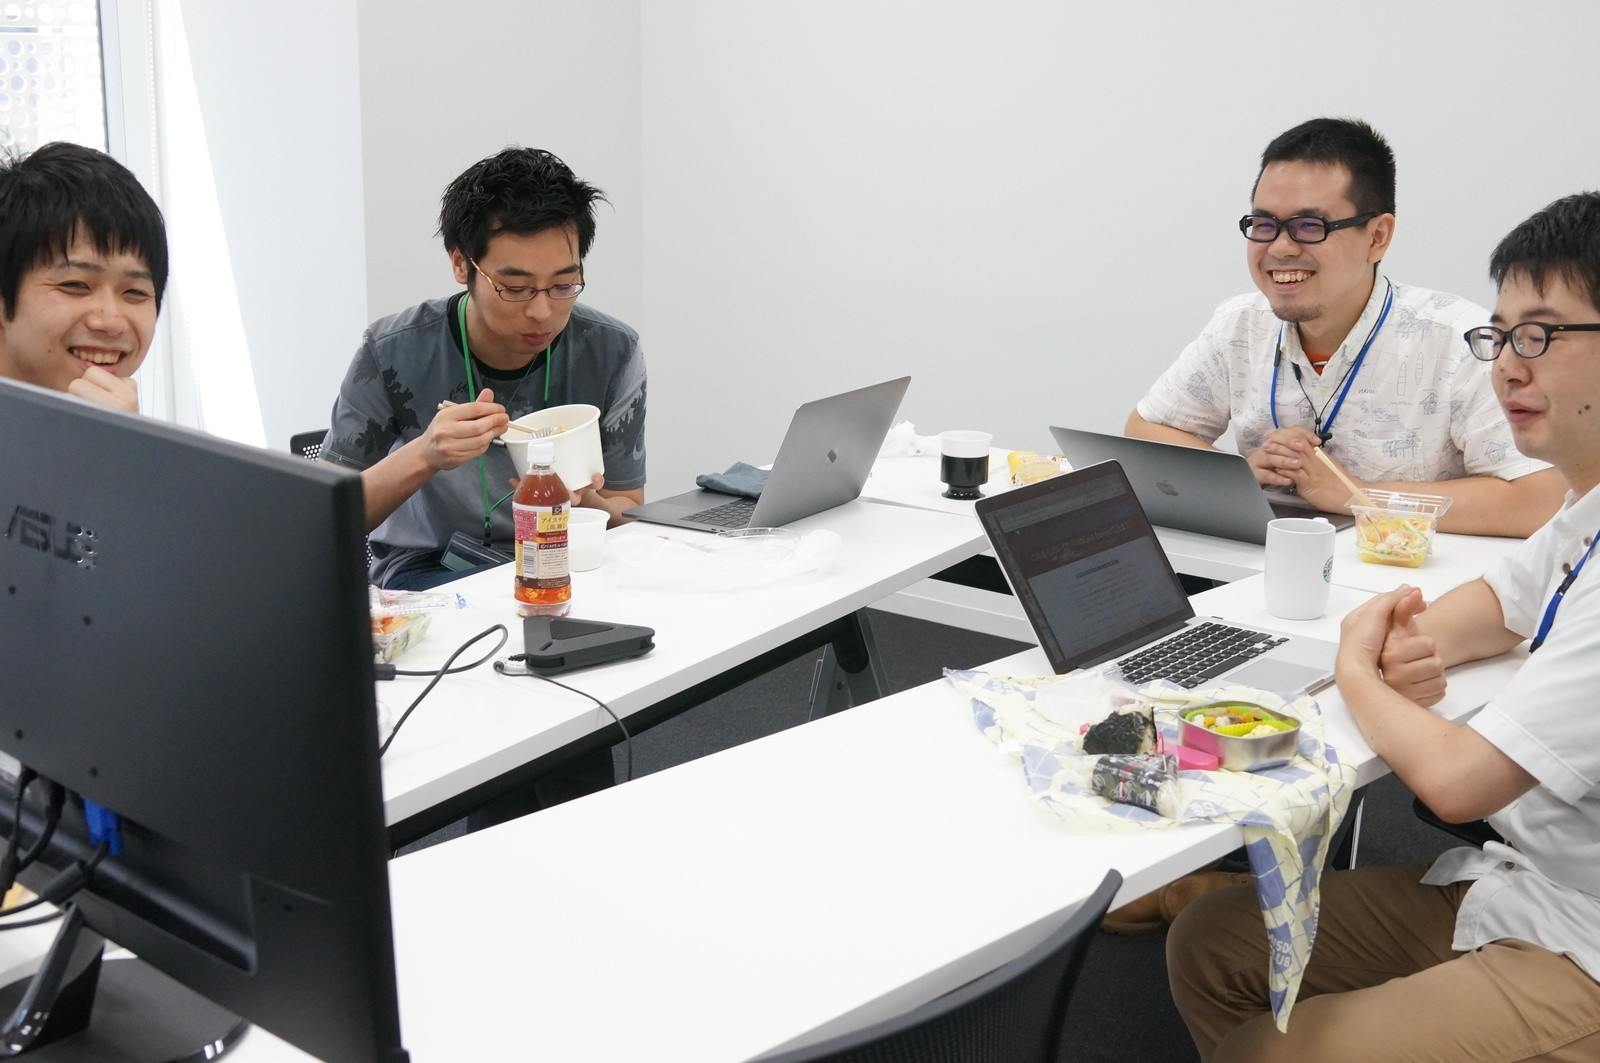 """【QAエンジニア/テストエンジニア】有償ユーザー13万人突破◎主力サービス""""TeamSpirit""""の品質保障管理業務!<仕様検討〜テスト設計・実行など横断的にご担当いただきます>"""